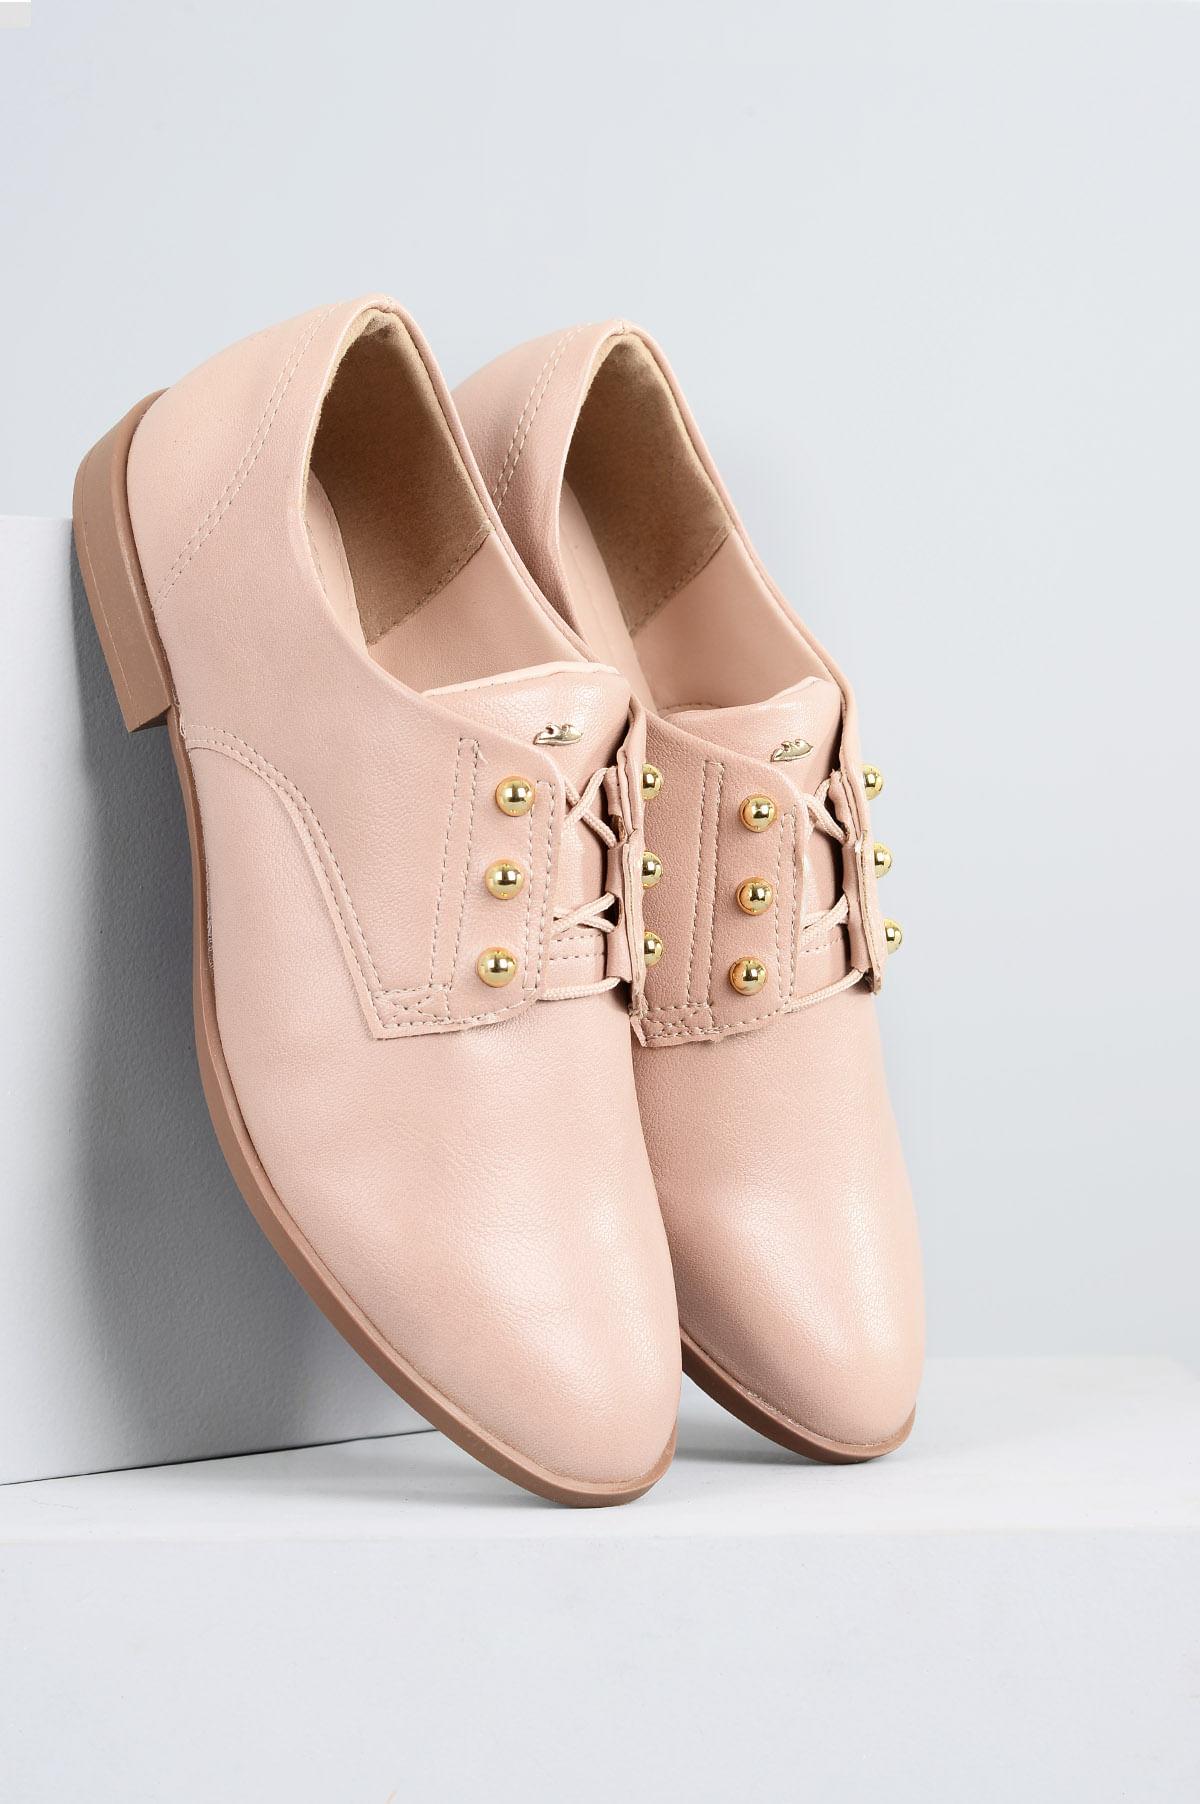 b4c652e23 Oxford Feminino Glacy Dakota SINT - NUDE - Mundial Calçados